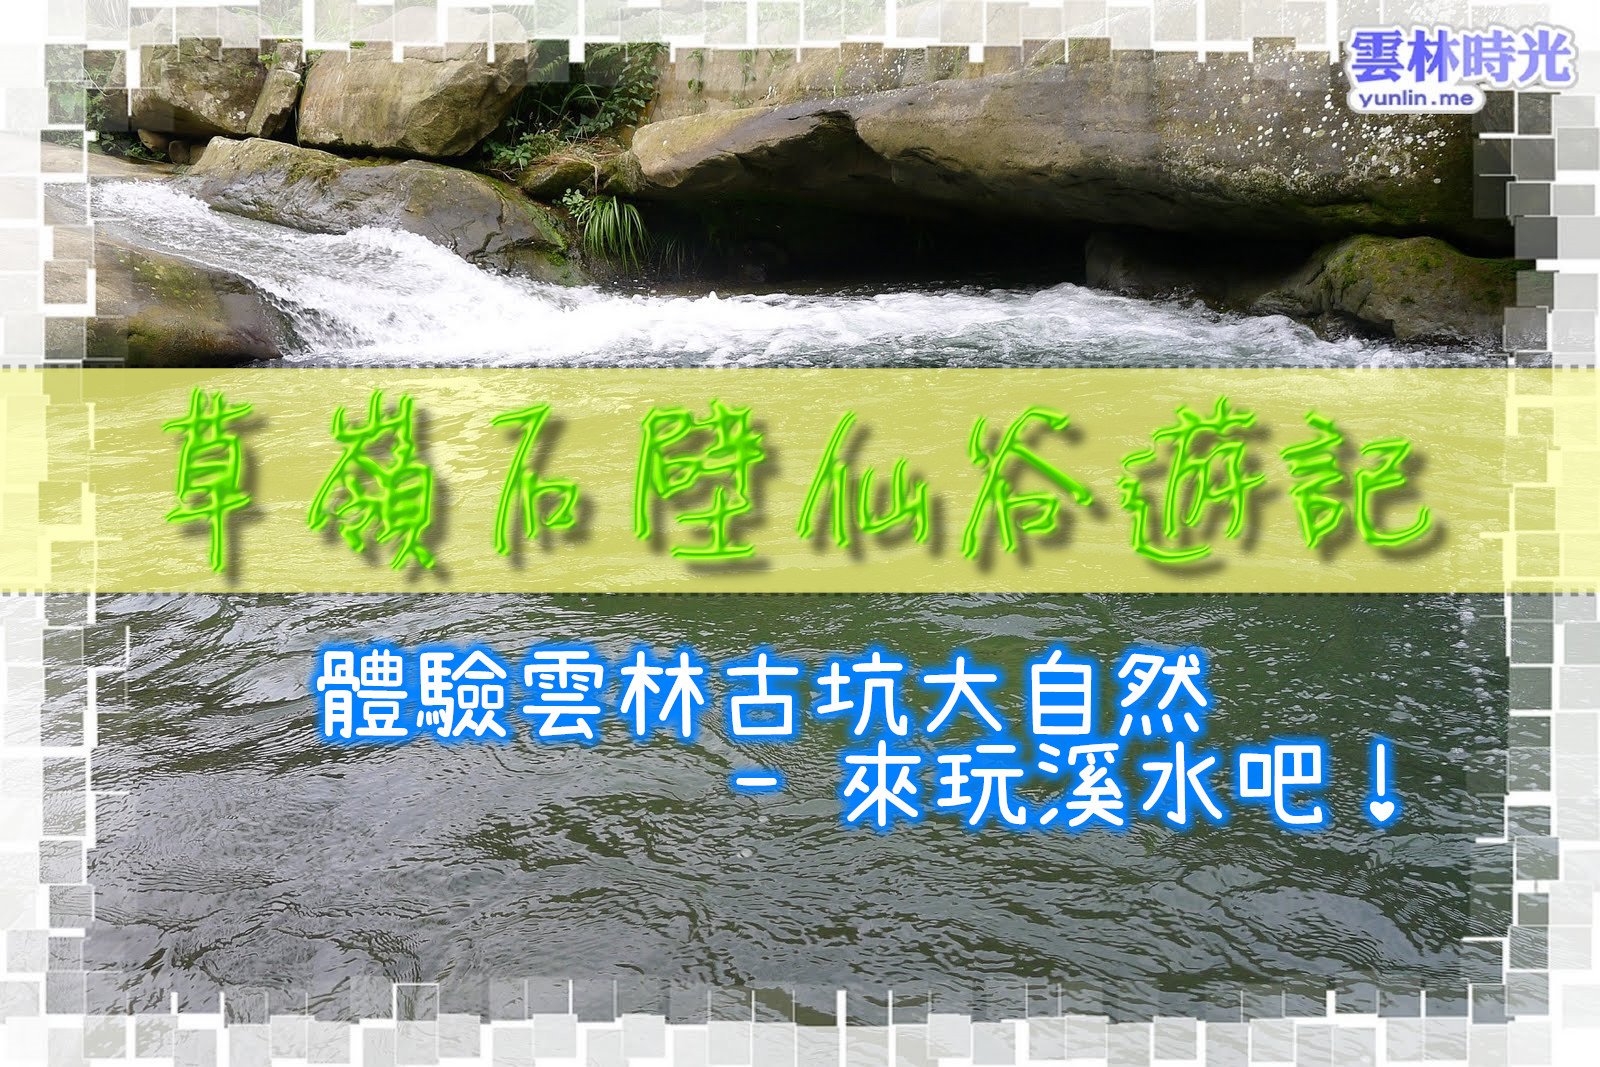 雲林古坑草嶺《石壁仙谷遊記》體驗大自然之來玩溪水吧!